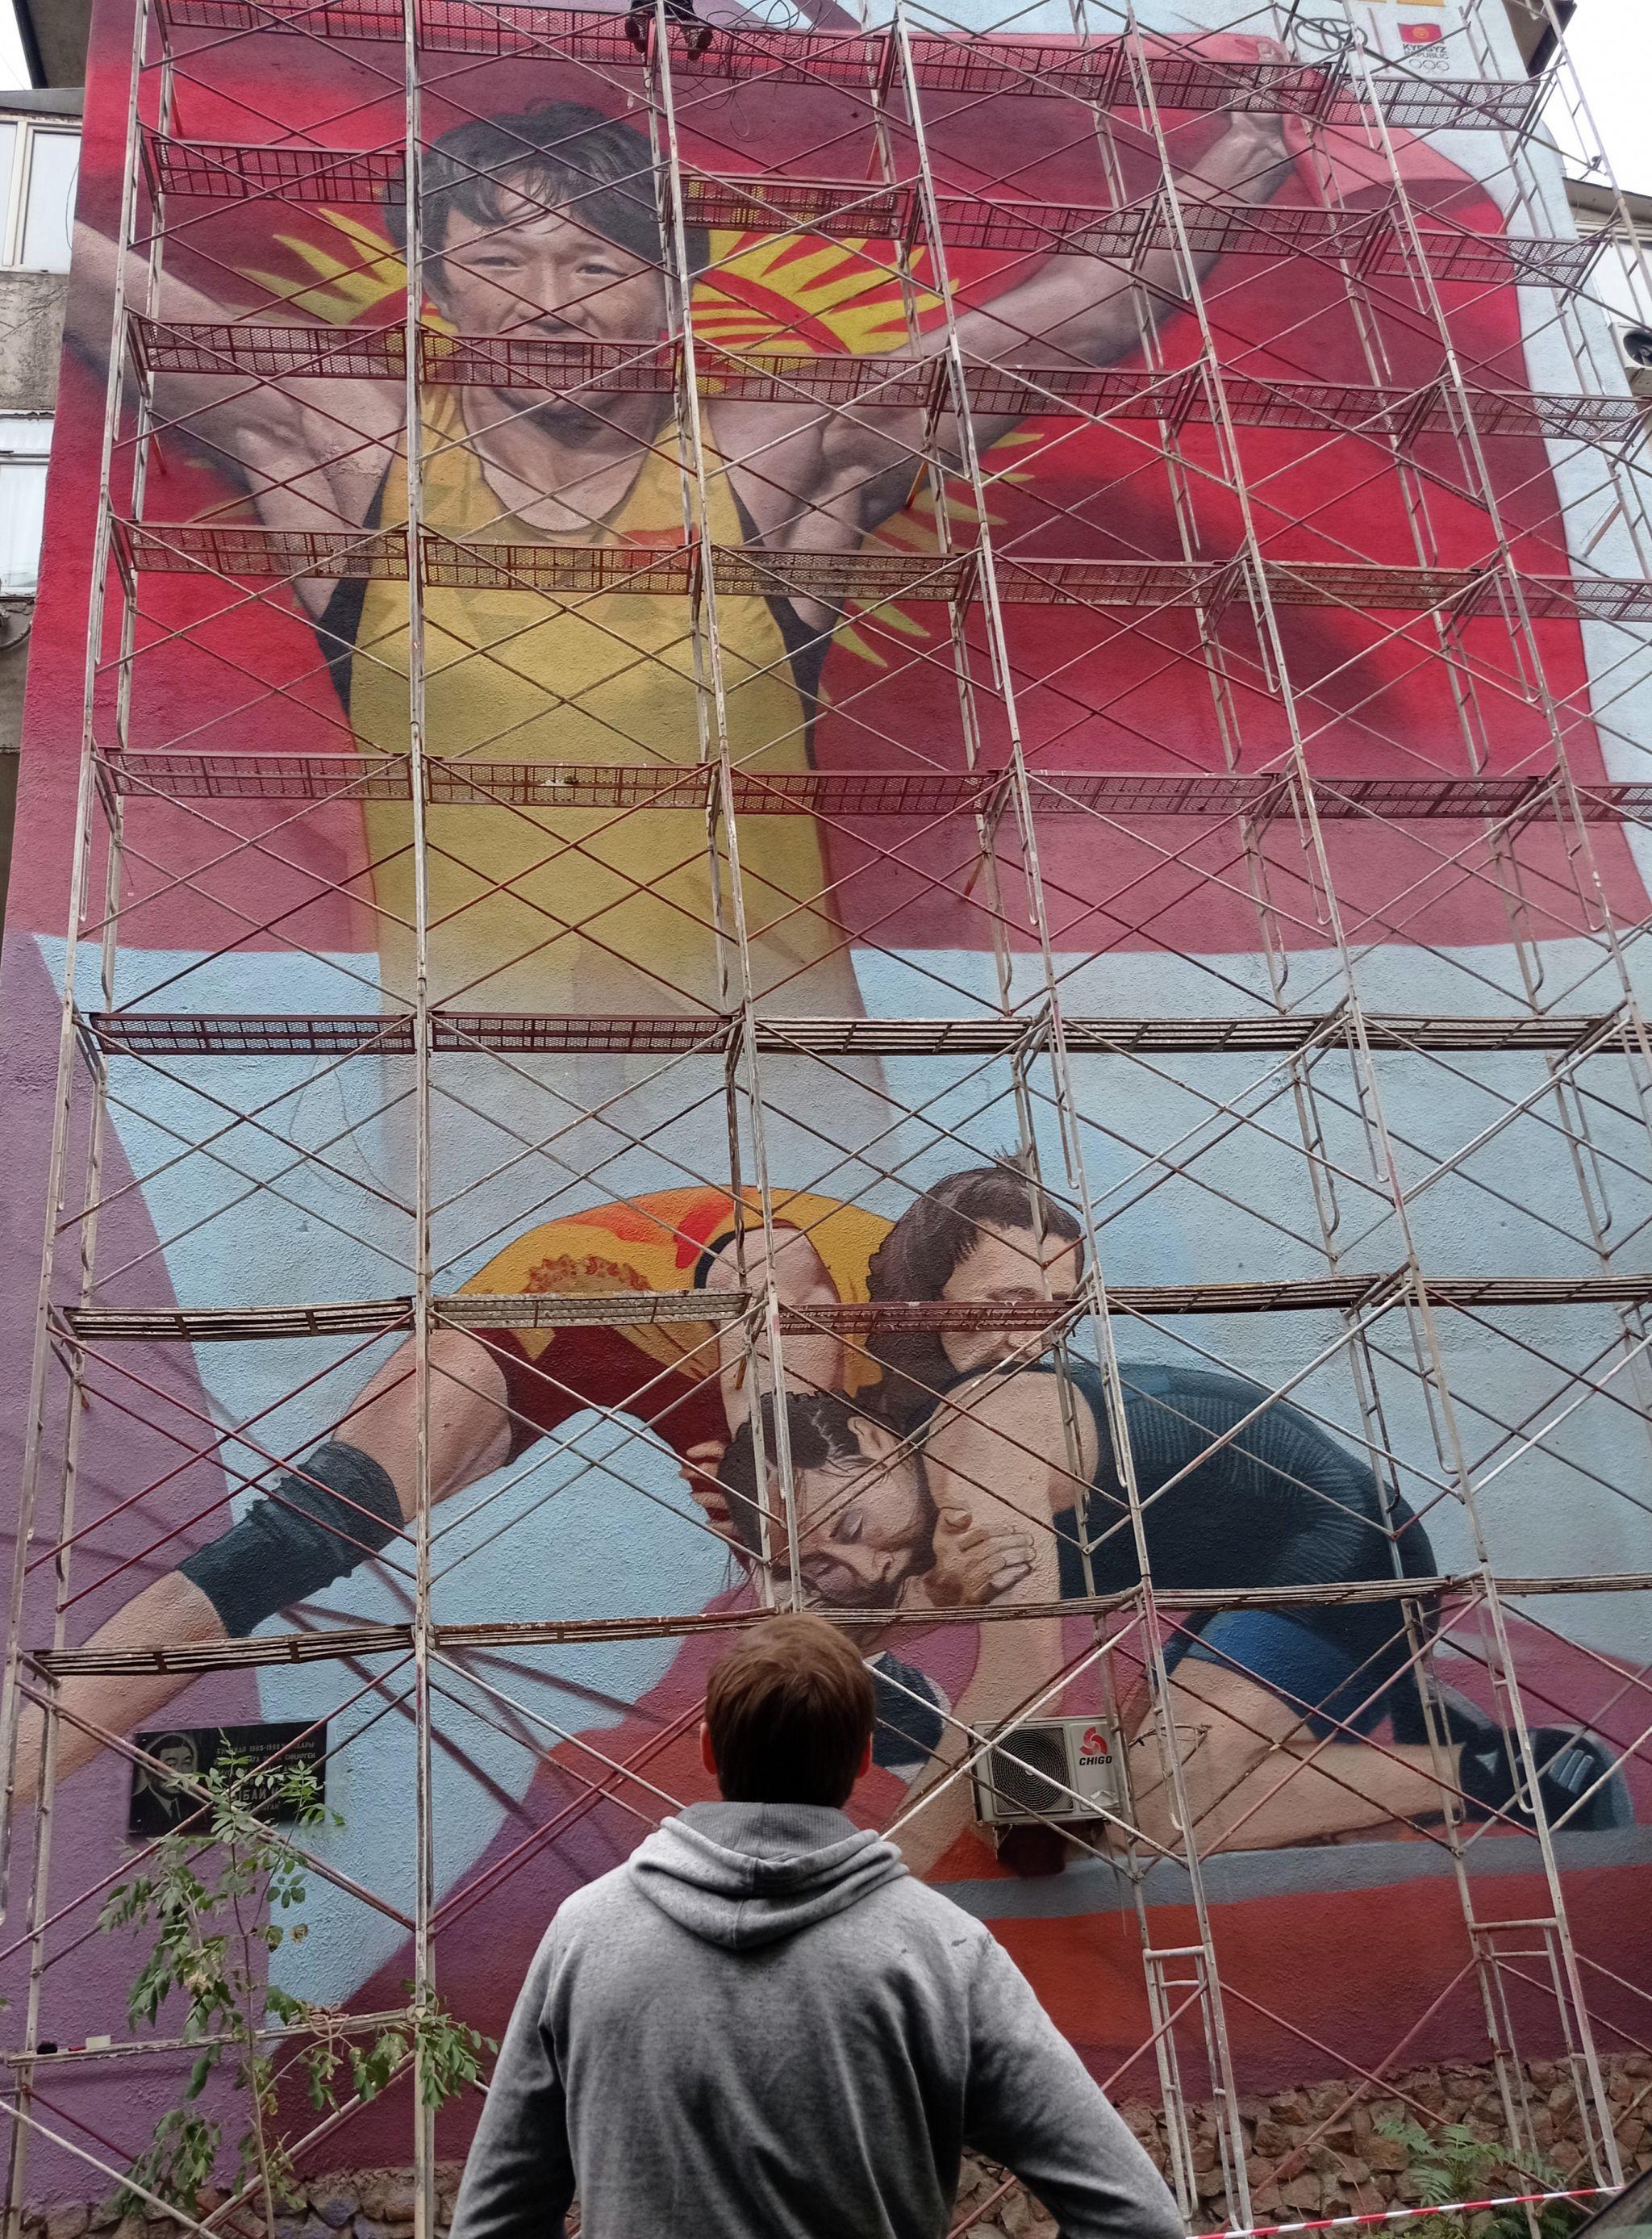 Мурал с изображением призера Олимпийских игр борца Айсулуу Тыныбековой на стене одного из домов на пересечении улиц Абдрахманова и Токтогула